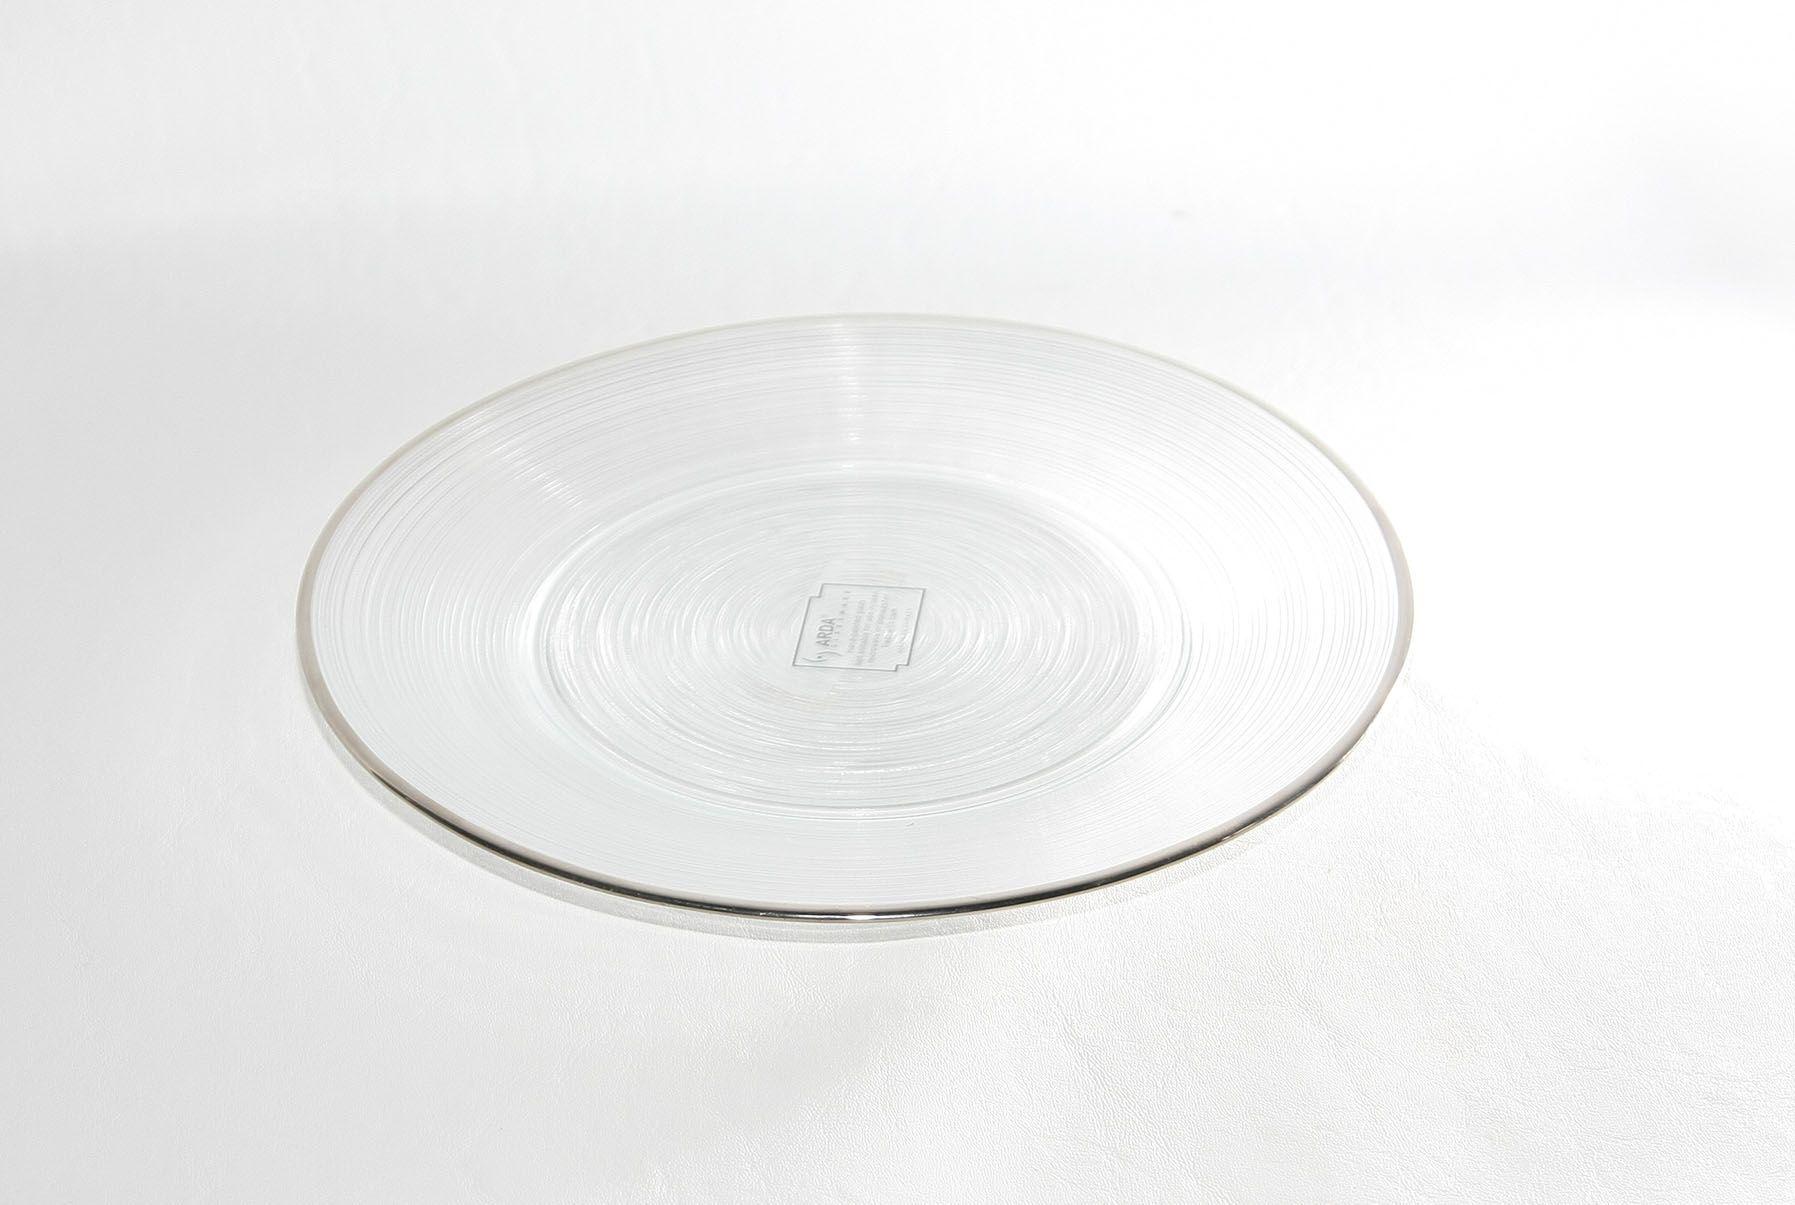 Prato Vidro Incolor Aro Prata